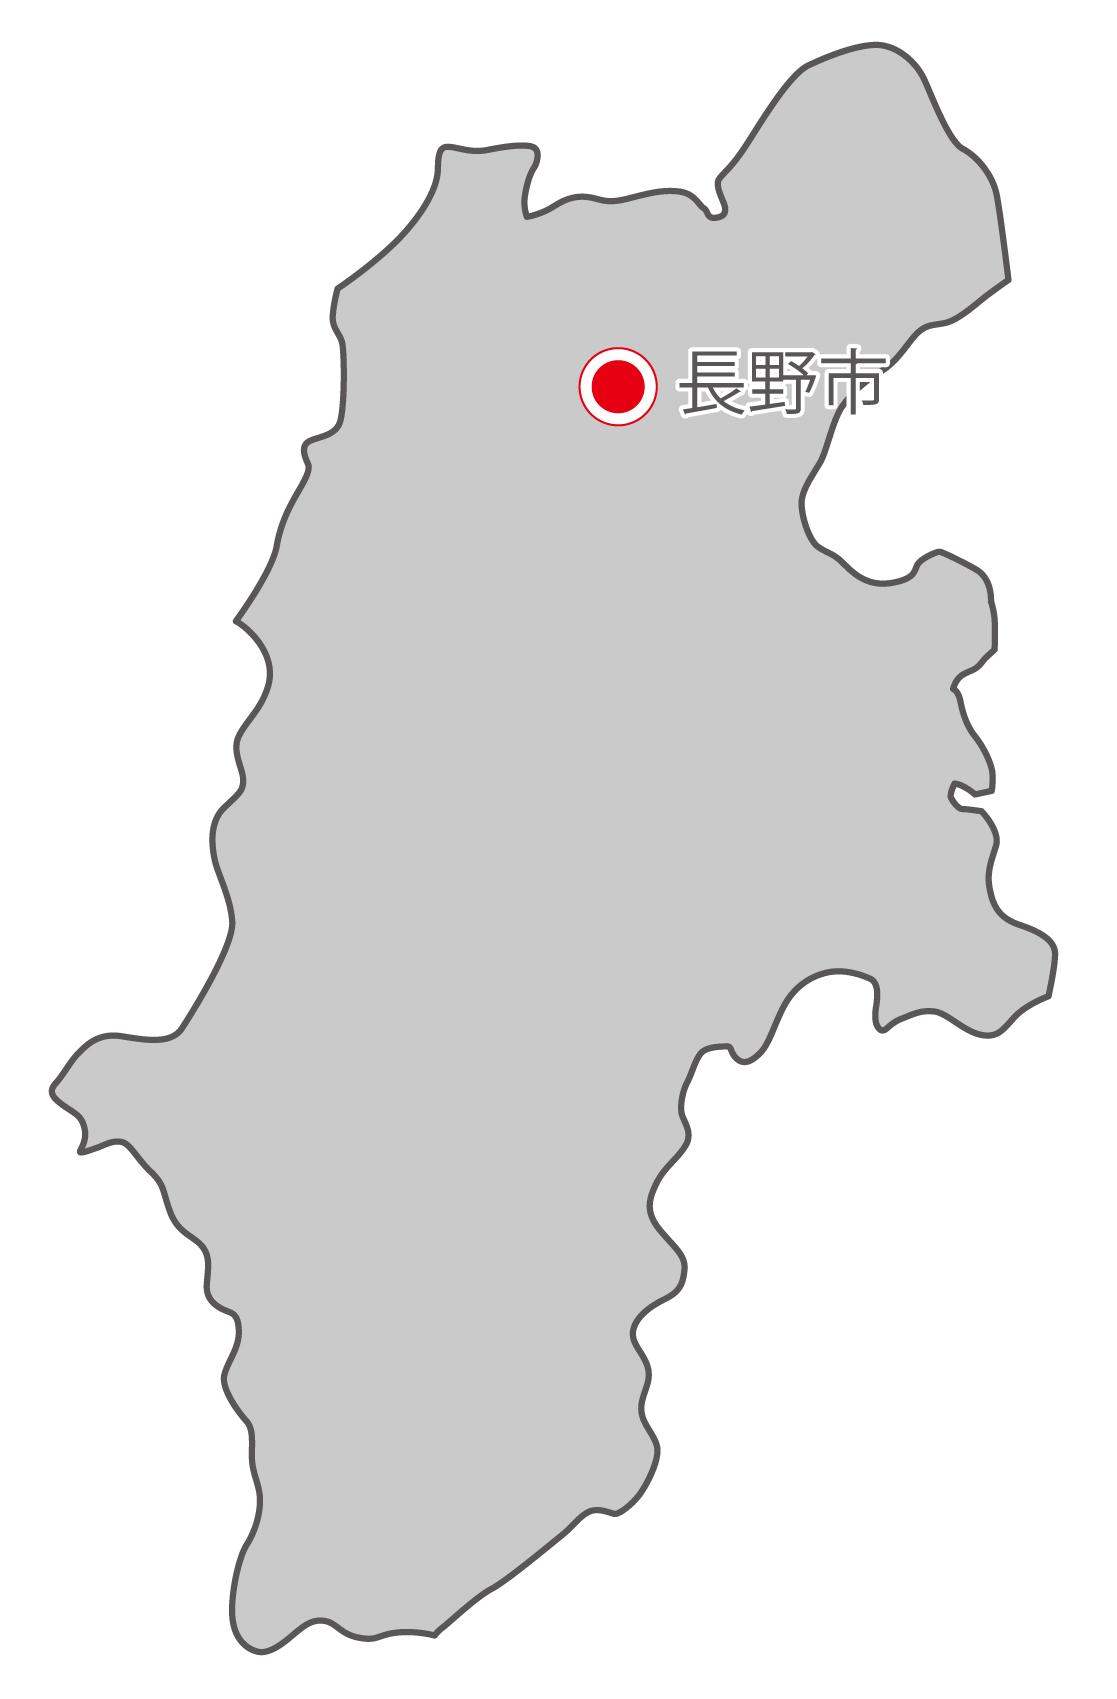 長野県無料フリーイラスト|日本語・県庁所在地あり(グレー)